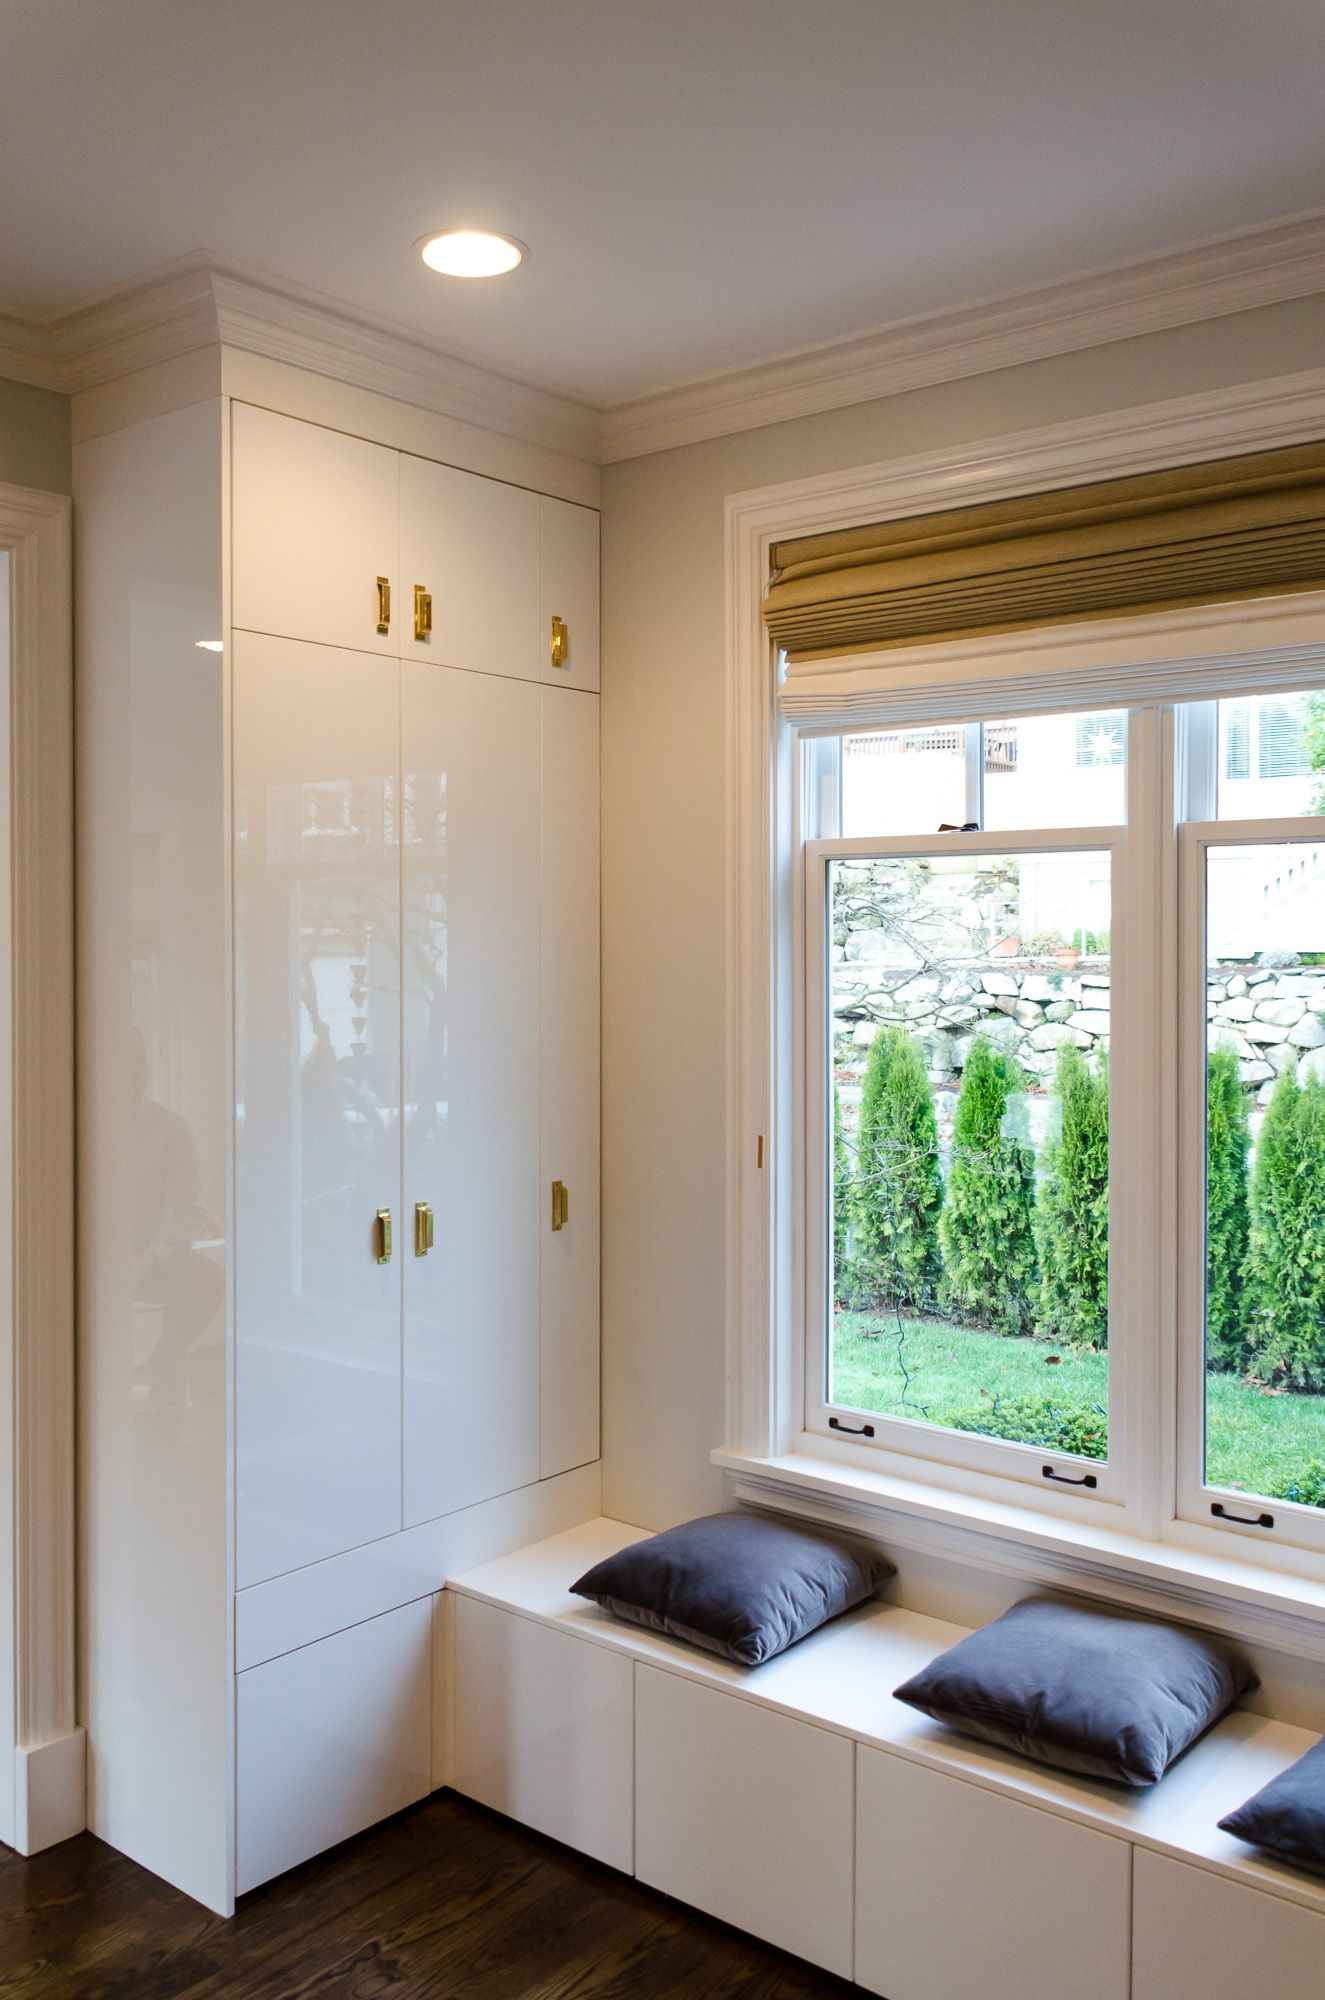 Window seat ikea 1 con un armario de cocina rincones for Armarios de cocina ikea